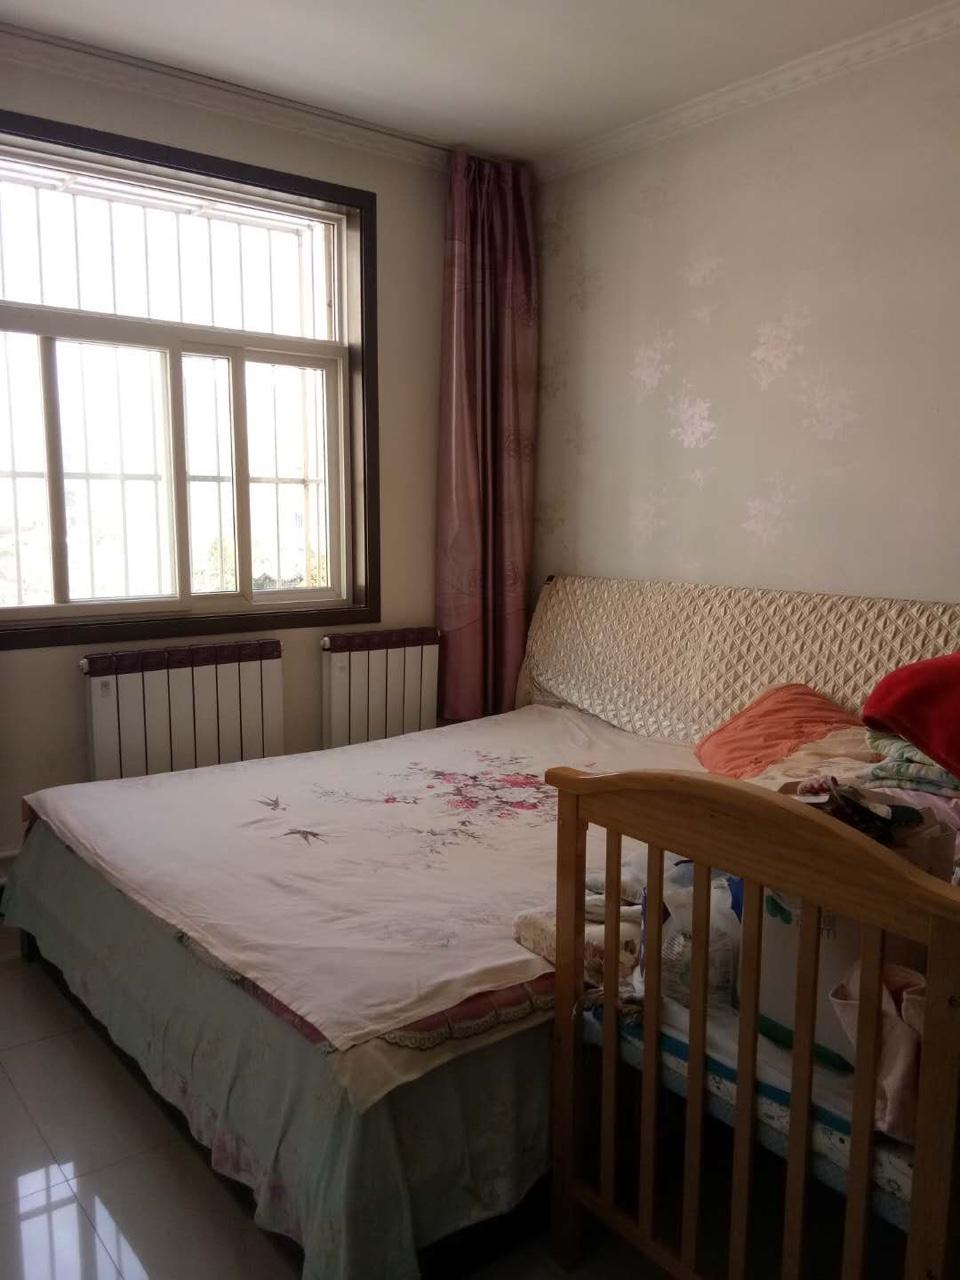 乡园小区3室 2厅 1卫45.2万元